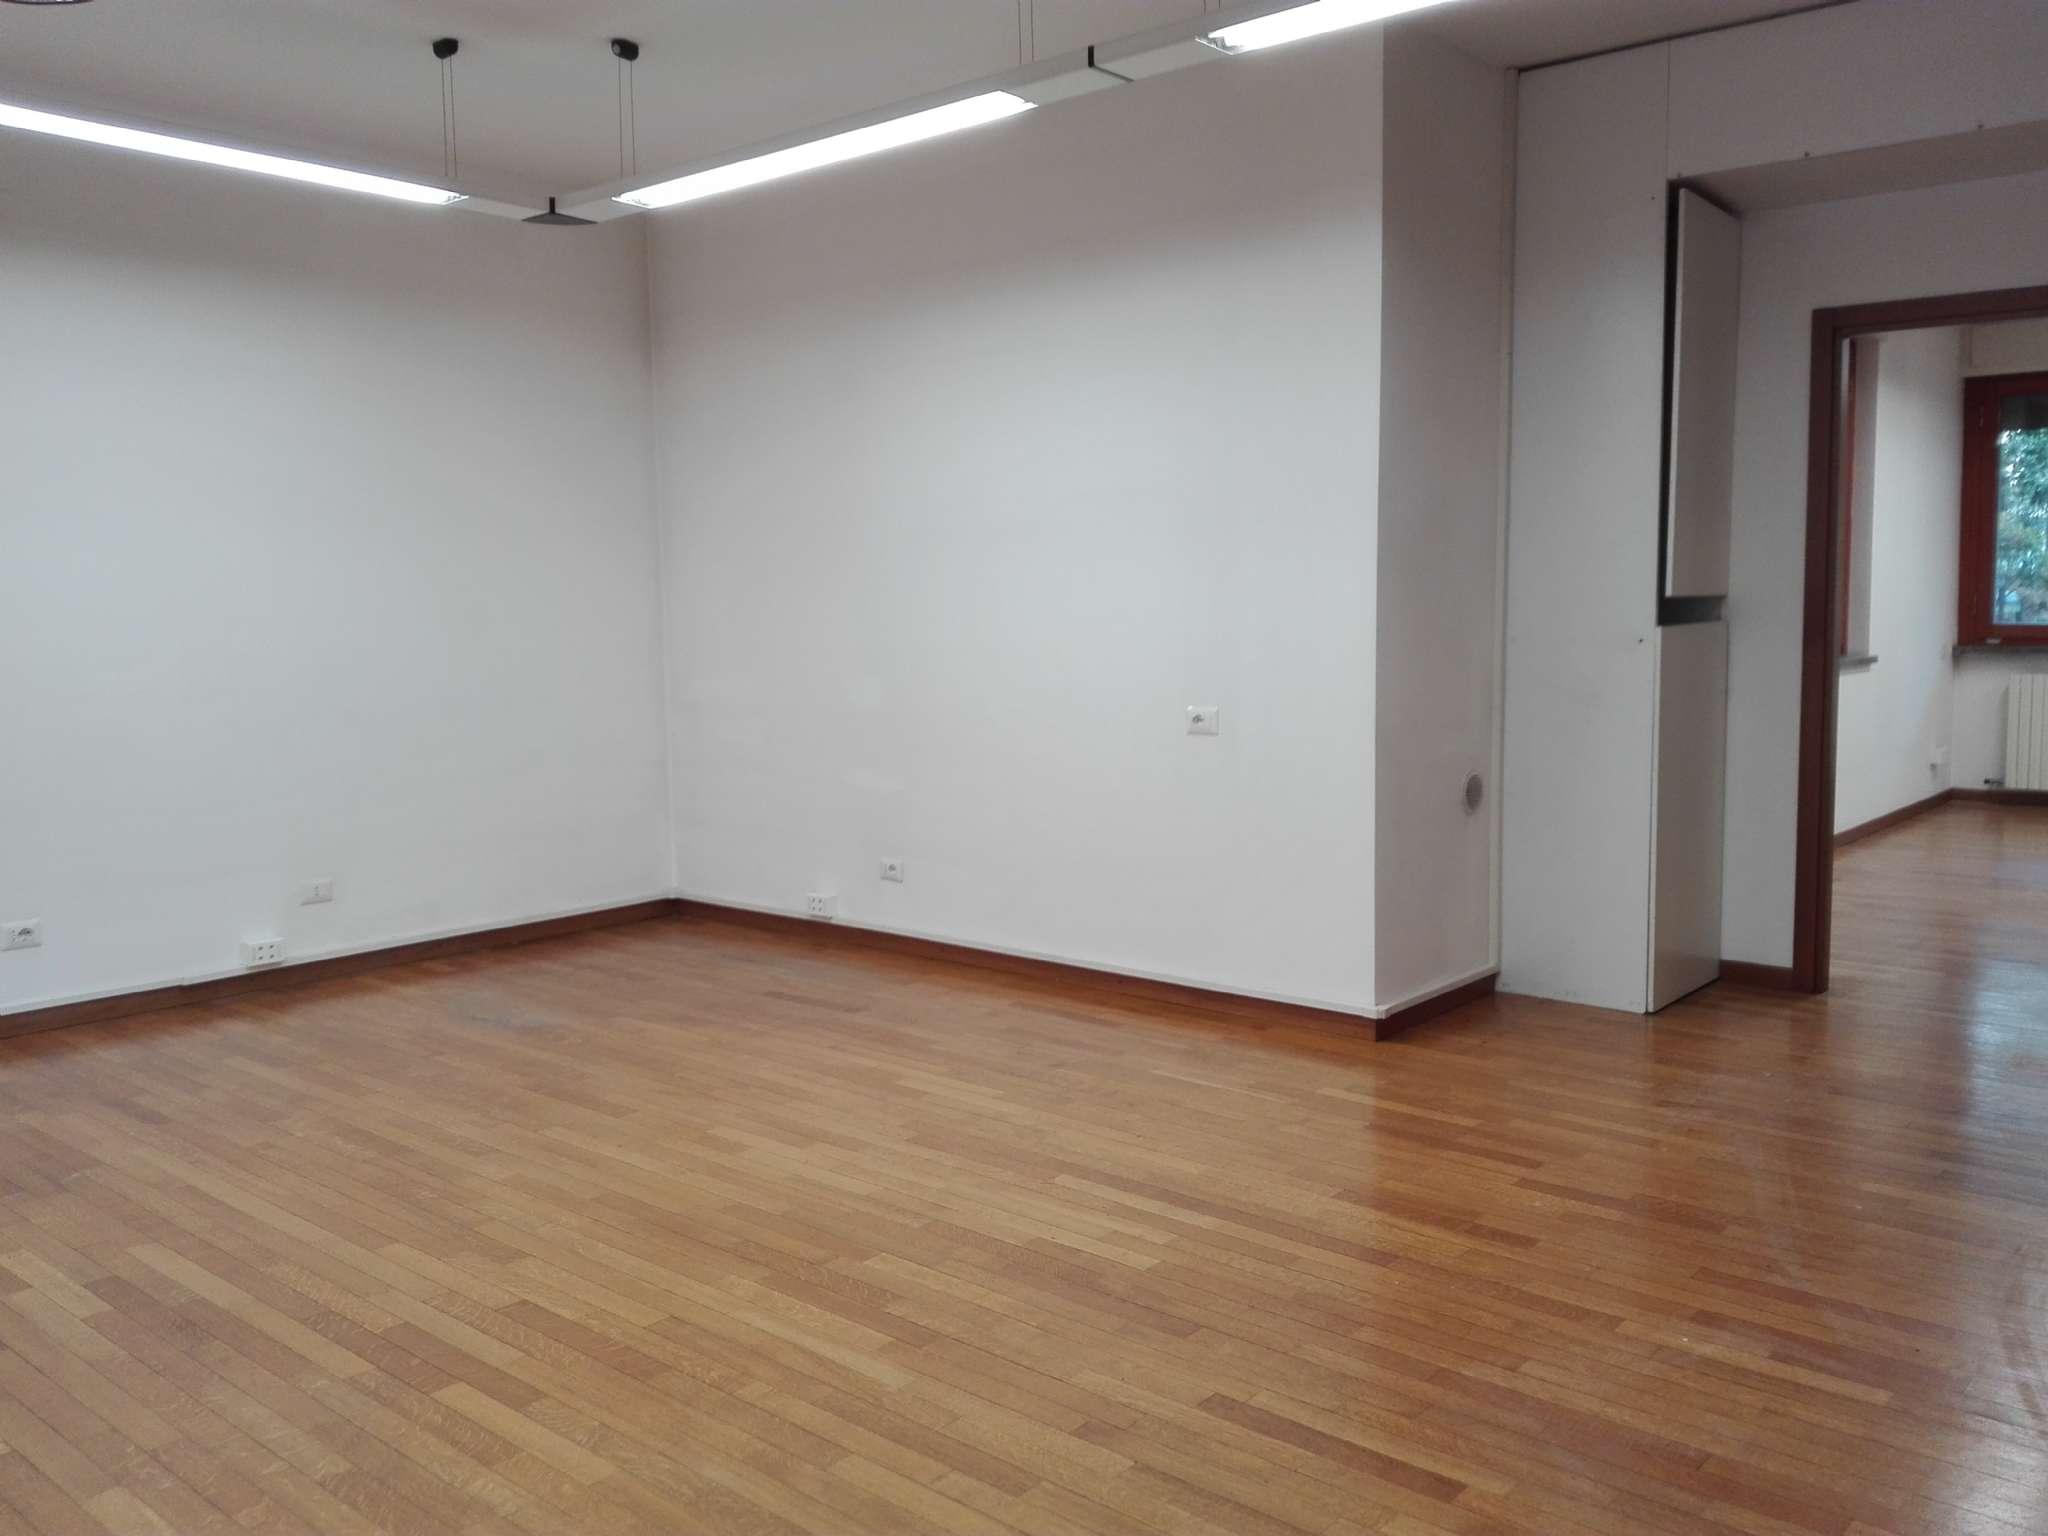 Bilocale milano vendita zona 1 centro storico - Cambio destinazione d uso da ufficio ad abitazione ...